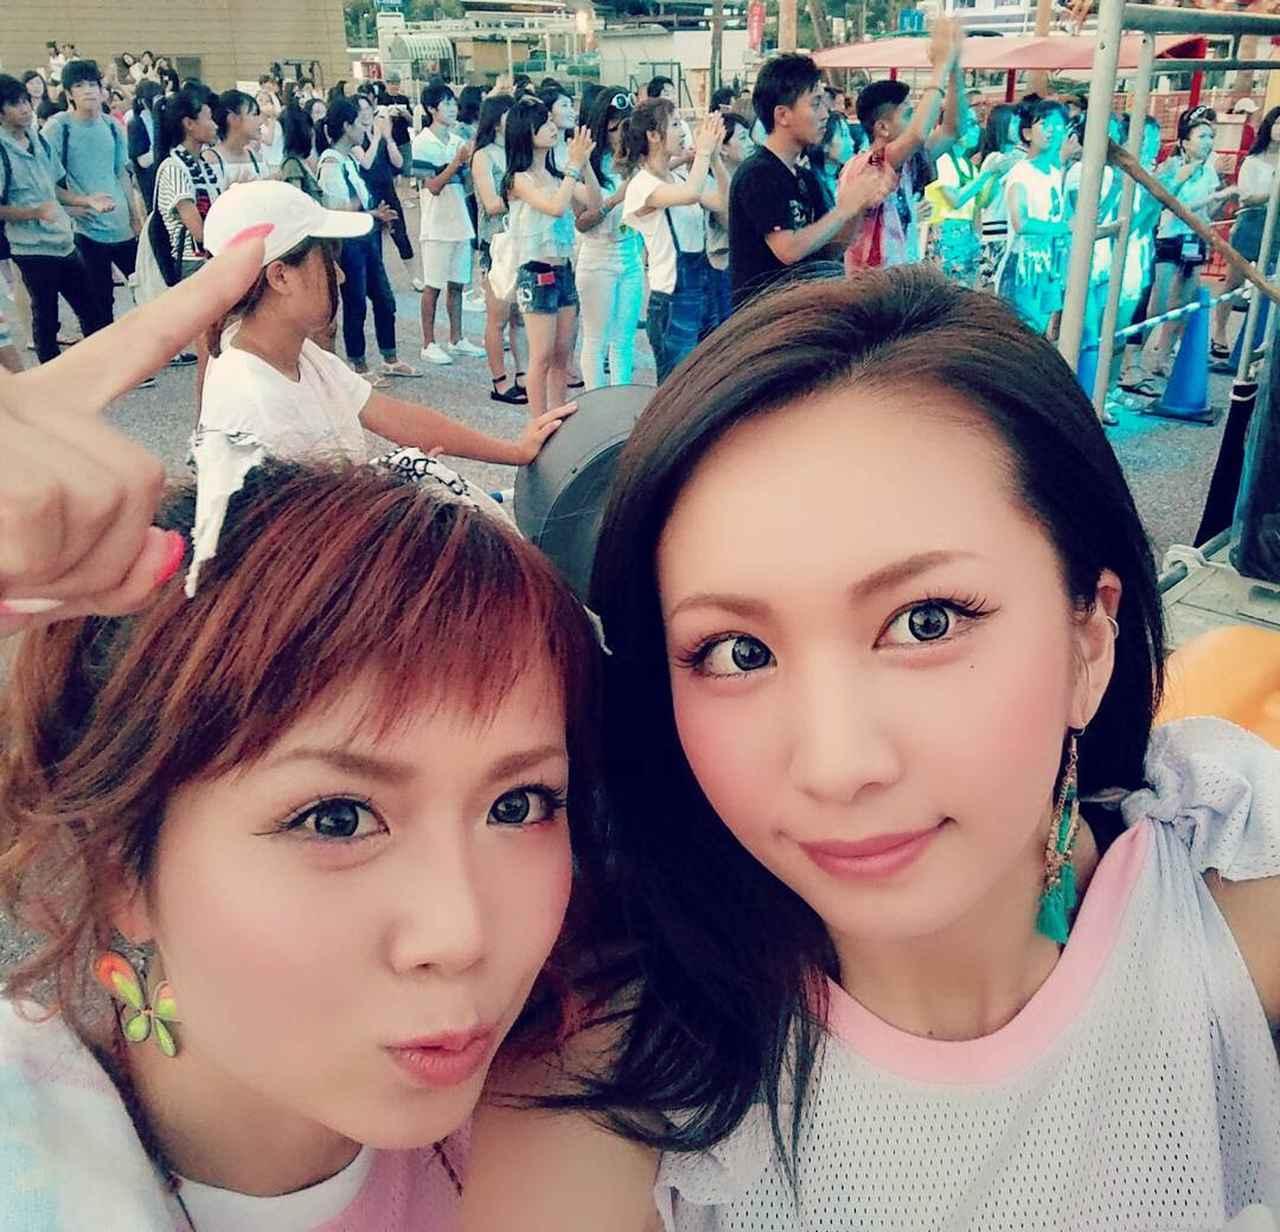 画像1: マジカル♡パレード BEACHさんはInstagramを利用しています:「浜名湖パルパルで泡パーティー????????⛱✨ #AKO #MIKA #マジパレ #自撮り #me #makeup #eyemakeup #eyelashes #hair #hairstyle #girl #earrings #yolo #happy #love #instagood…」 www.instagram.com